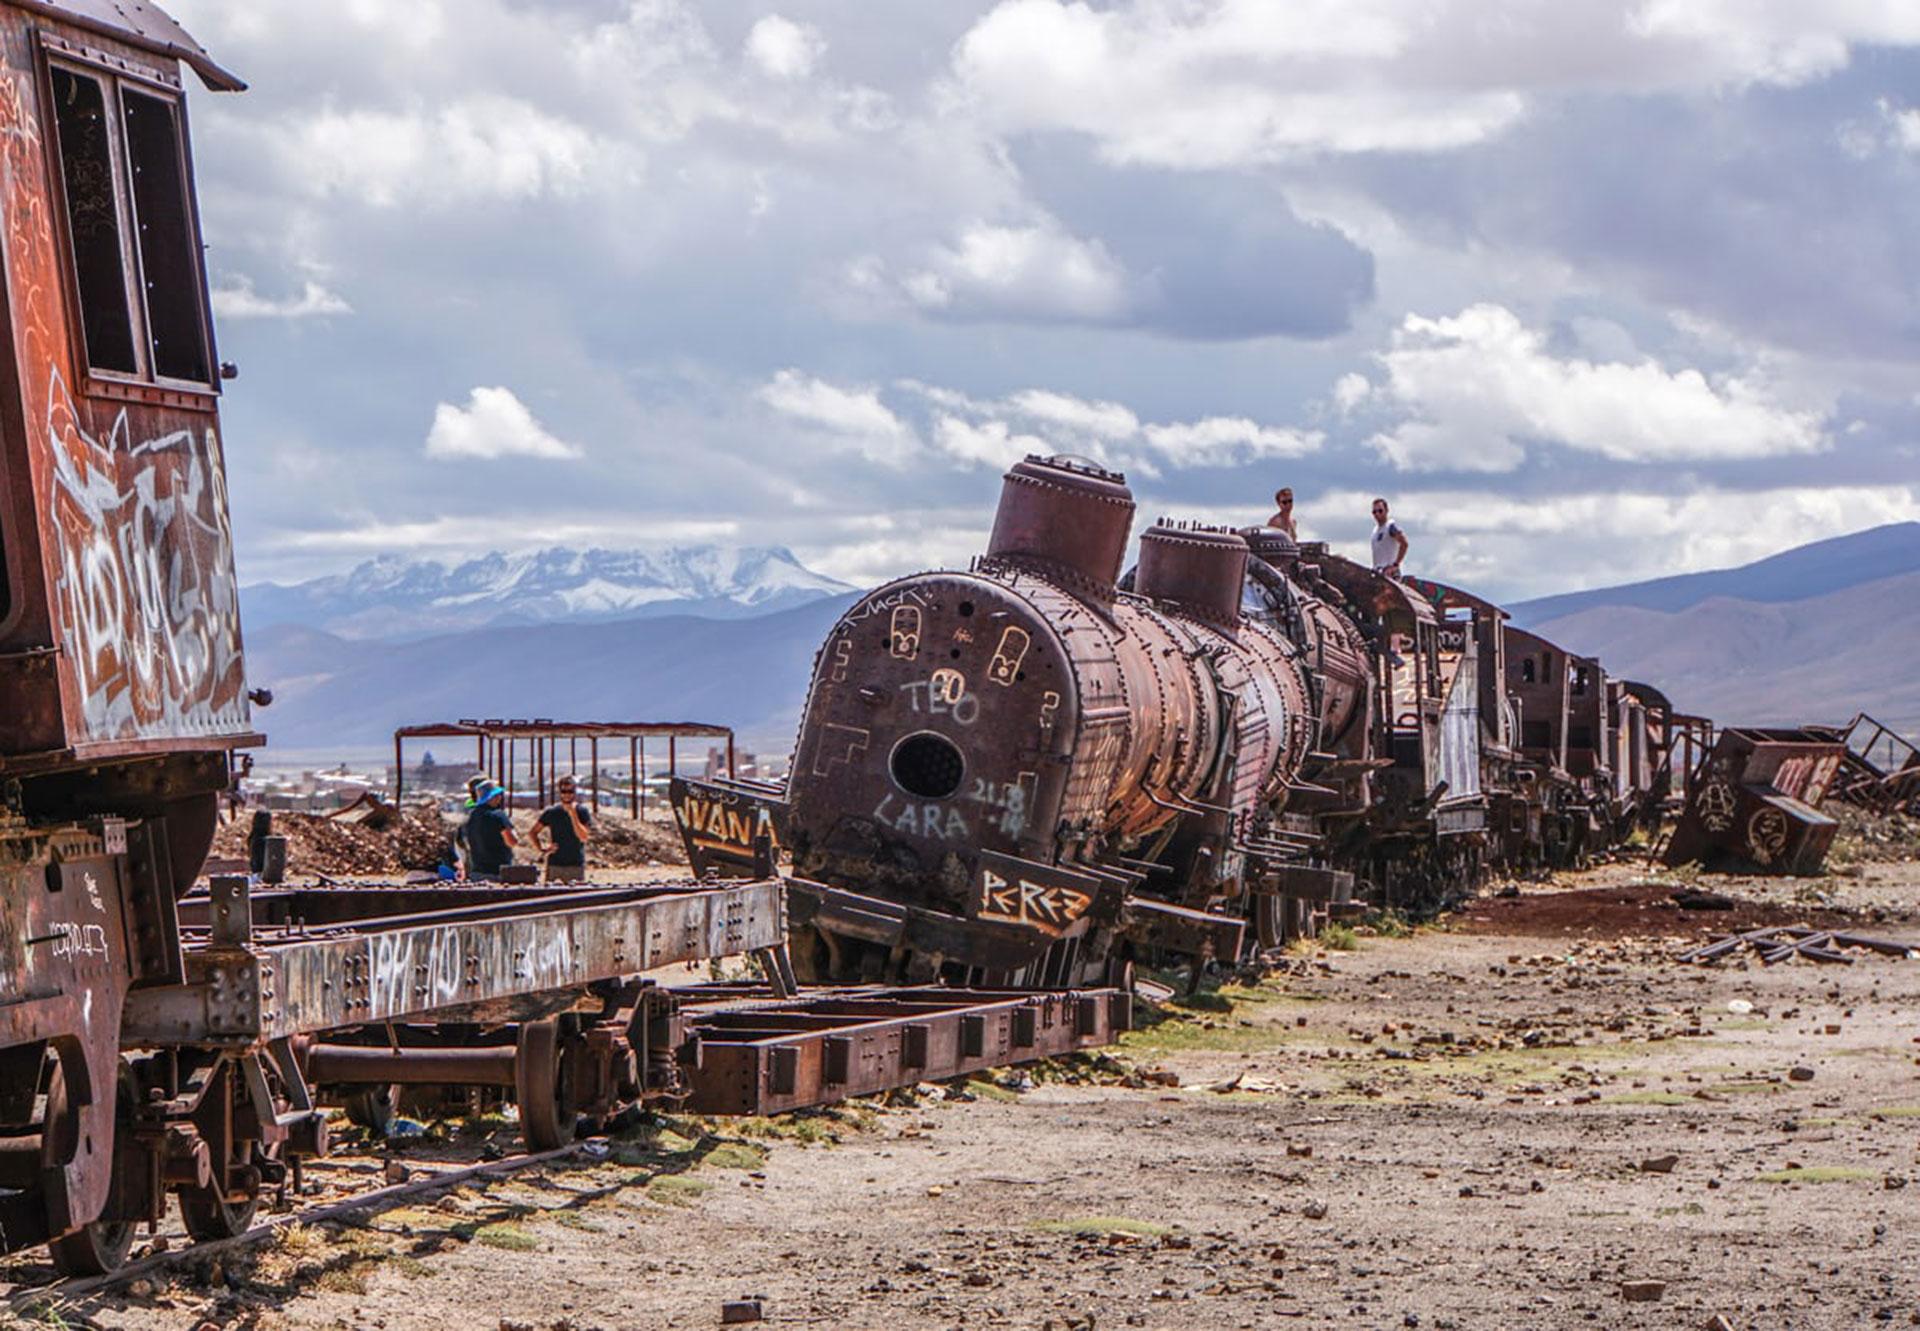 Cementerio de trenes por Pamela Jones, en Bolivia. Se tratan de ferrocarriles británicos abandonados en la ciudad de Uyuni